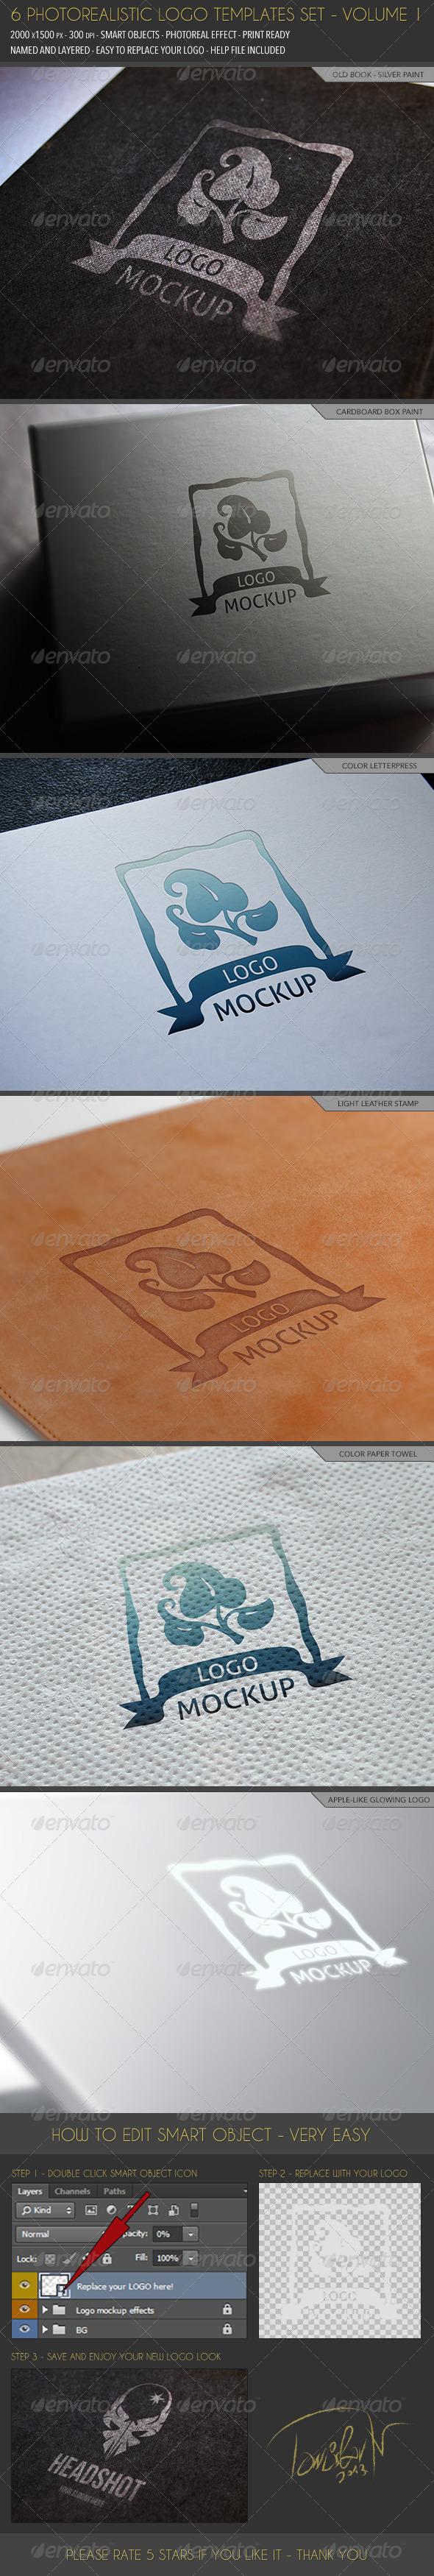 6 Photorealistic Logo Templates - Volume 1 - Logo Product Mock-Ups